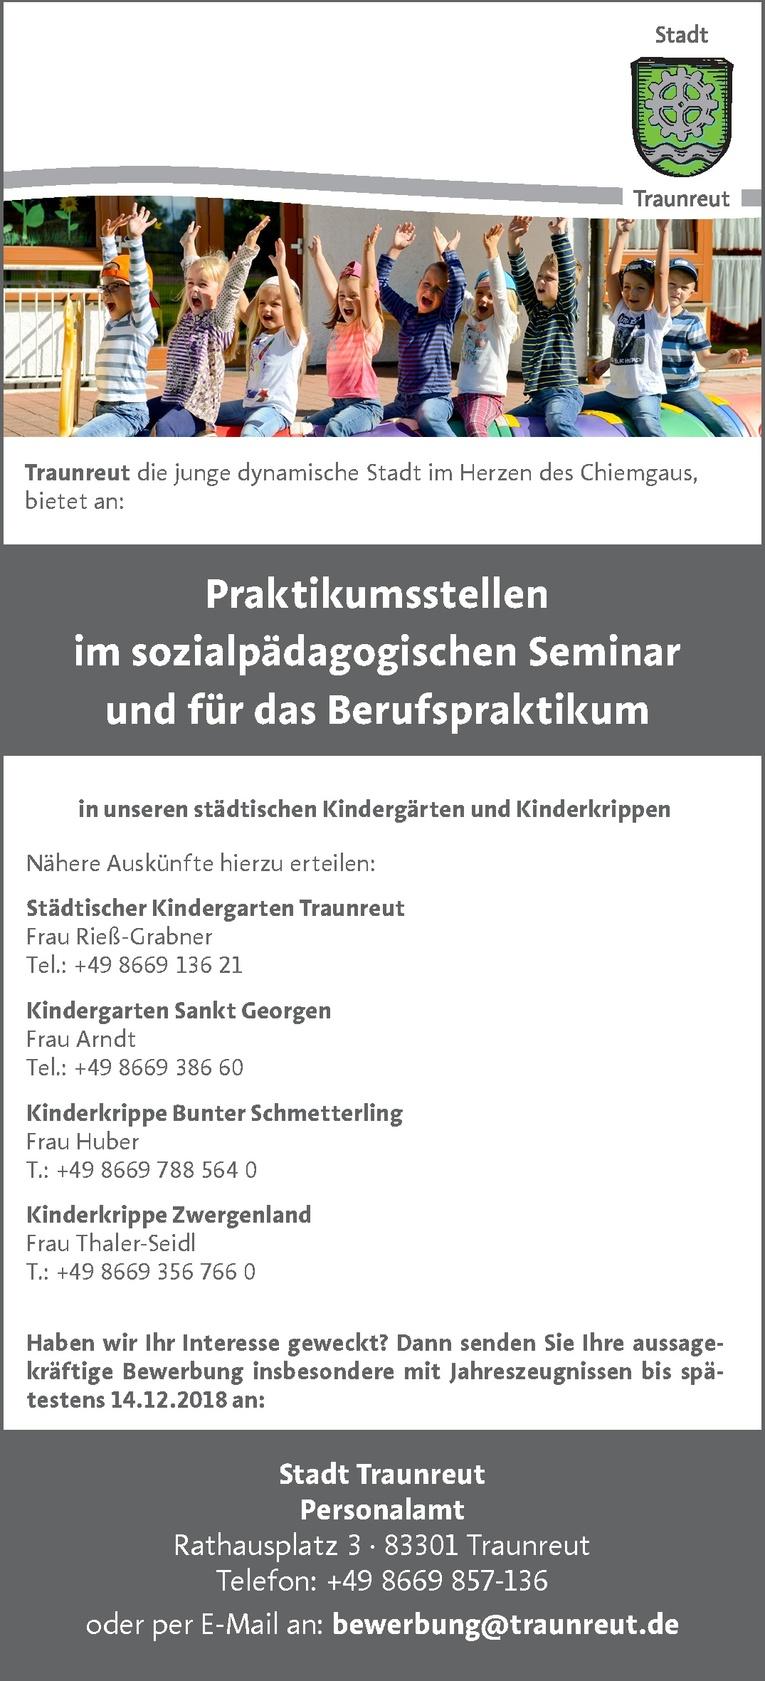 Job Praktikumsstellen Im Sozialpädagogischen Seminar Und Für Das